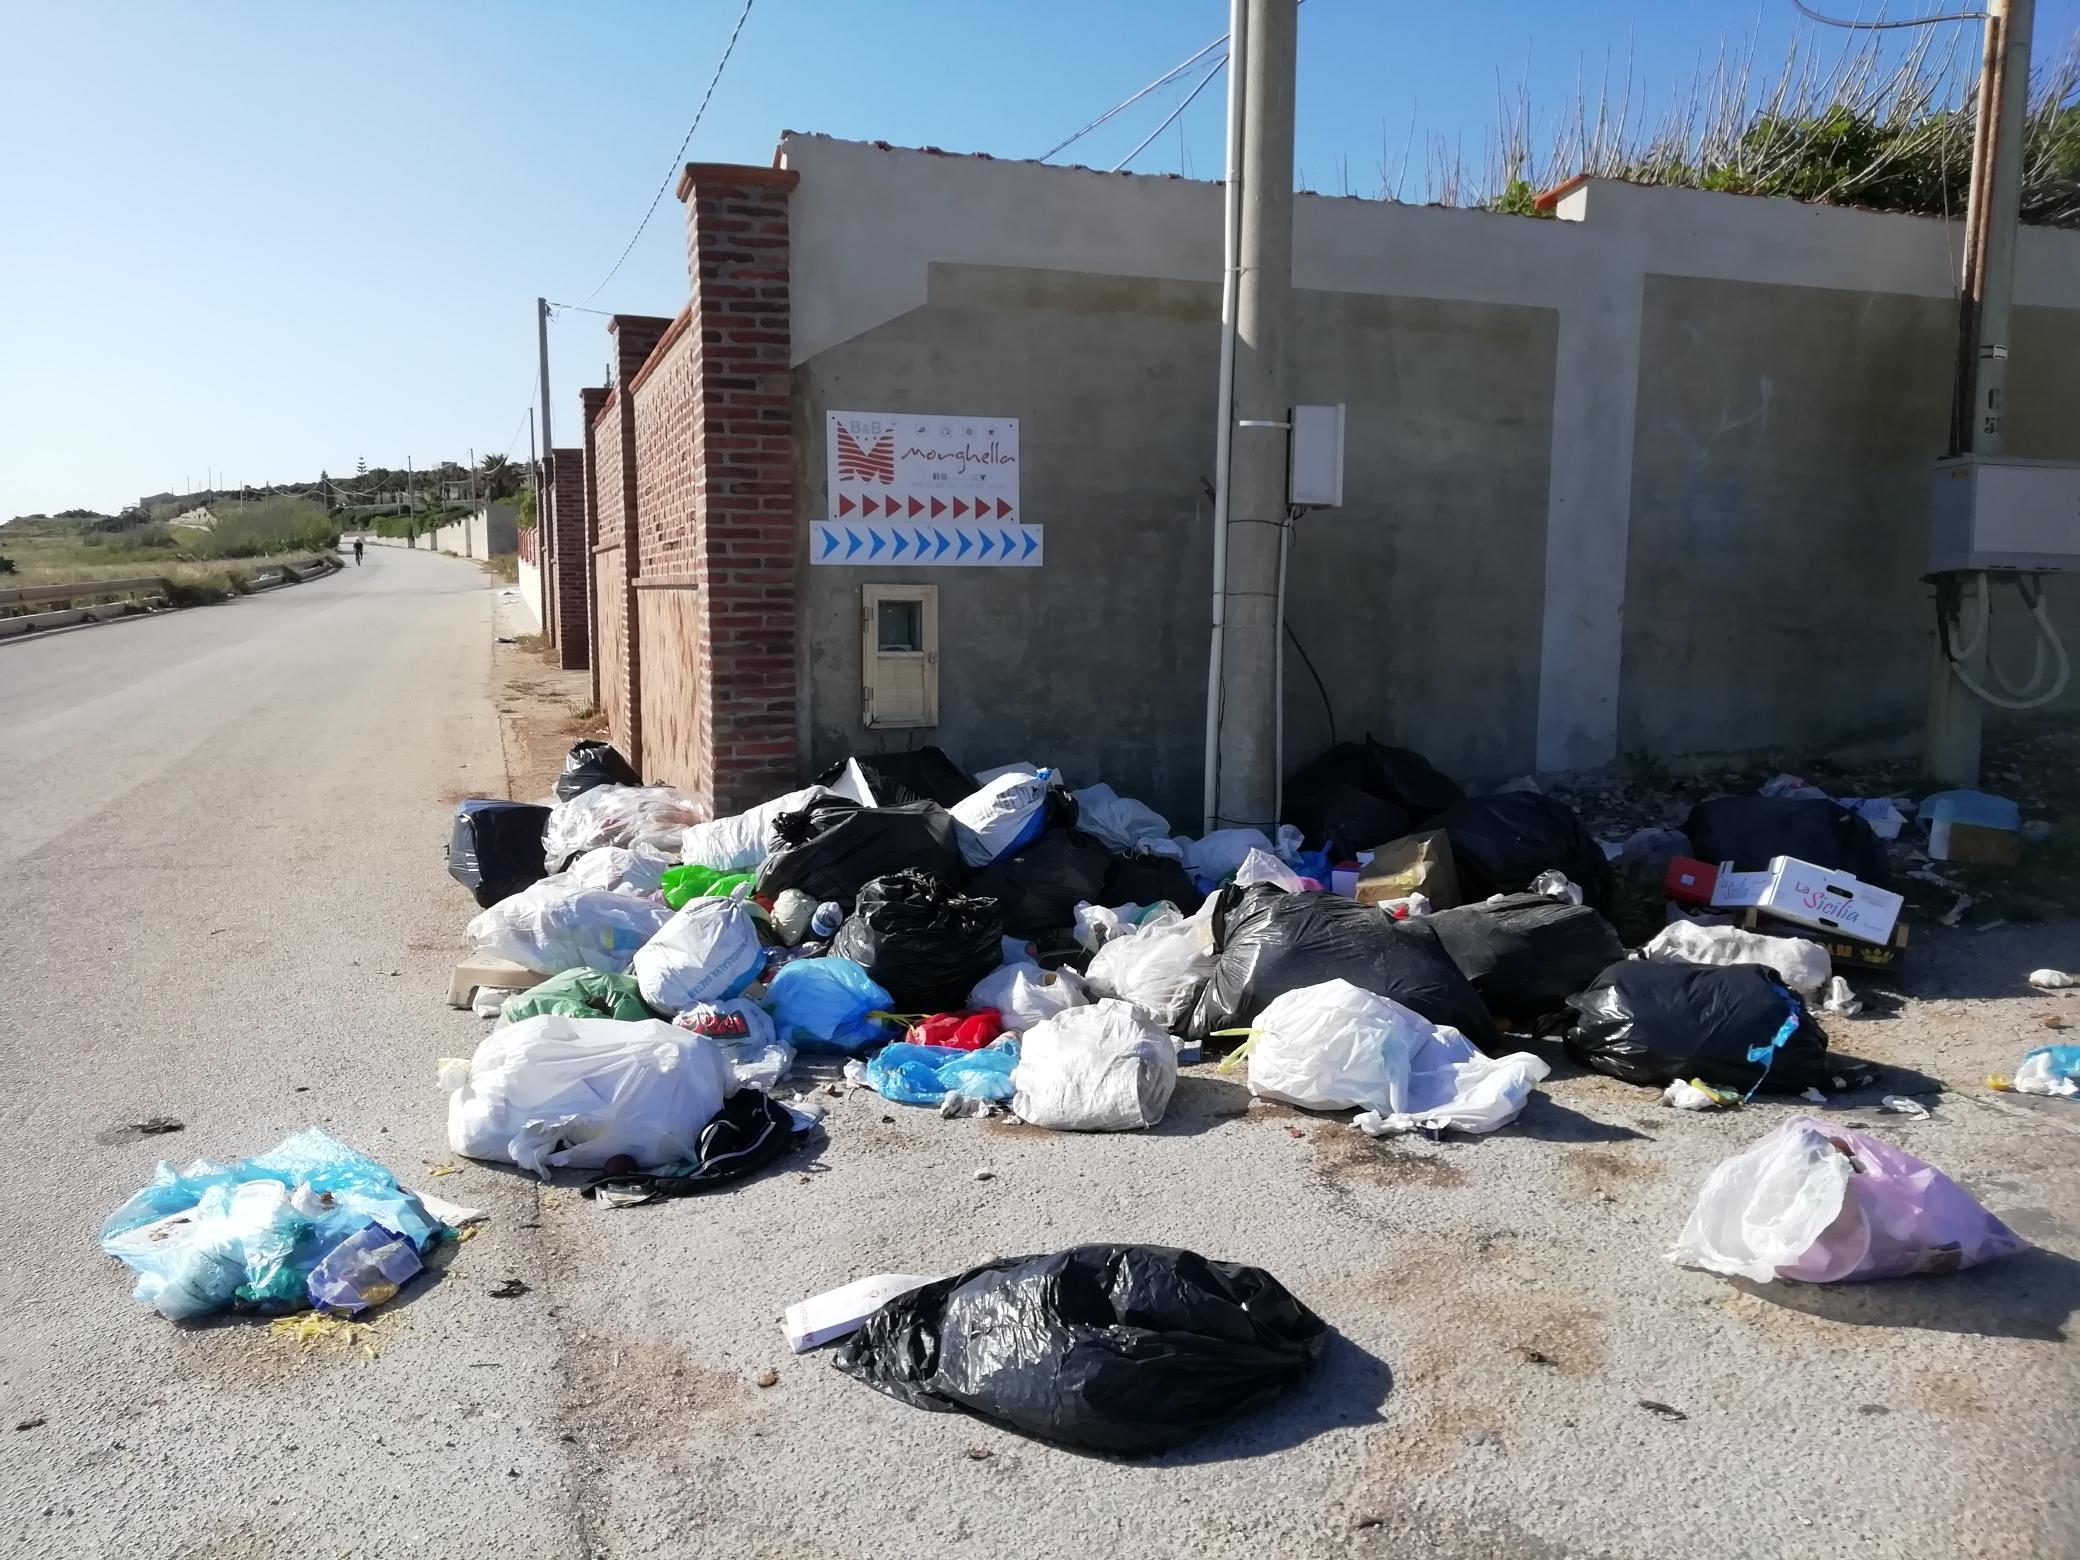 Pachino nell'immondizia: da 5 giorni i netturbini in sciopero, il Comune non paga (FOTO)